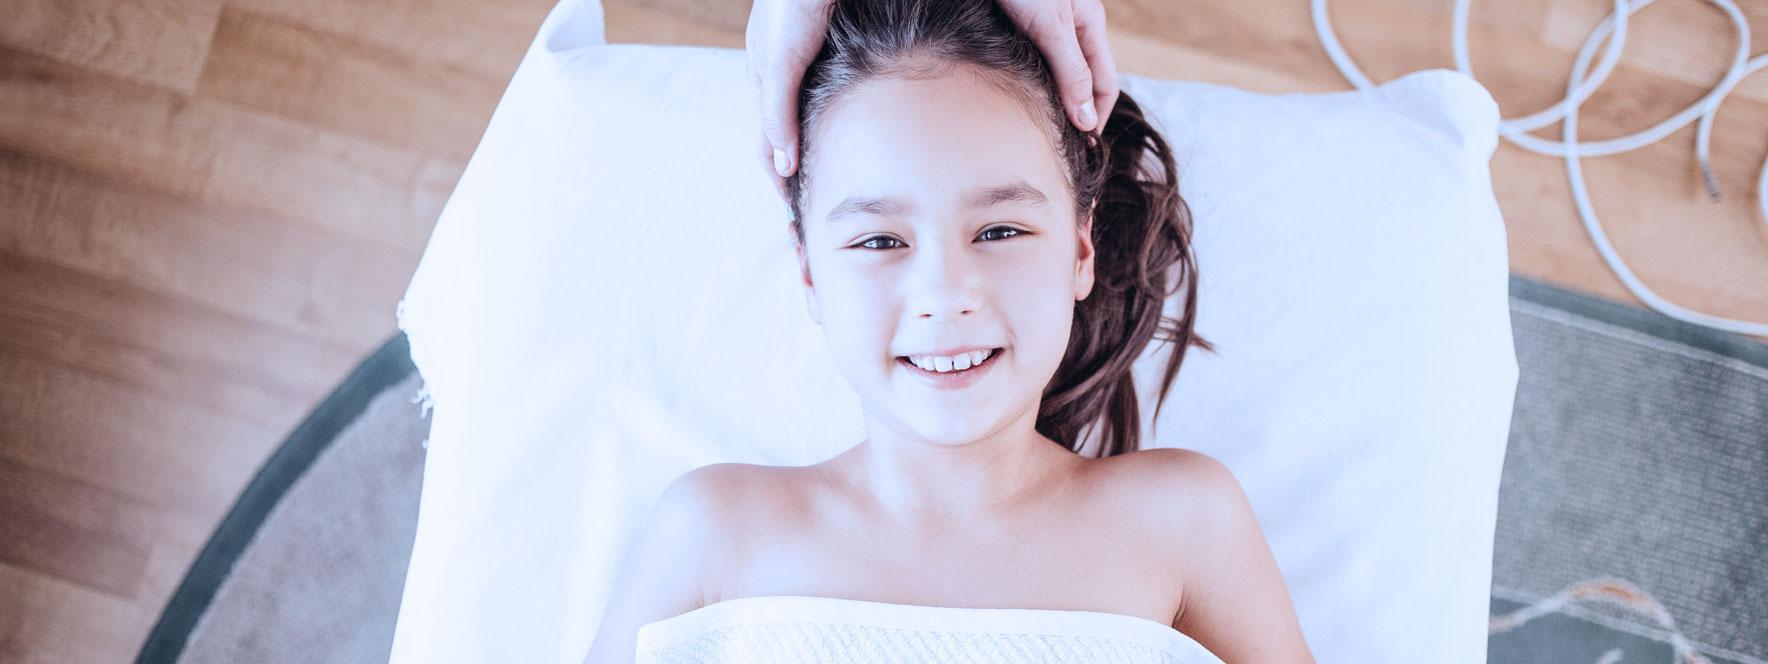 Petite fille qui reçoit un soin en massothérapie contre son stress